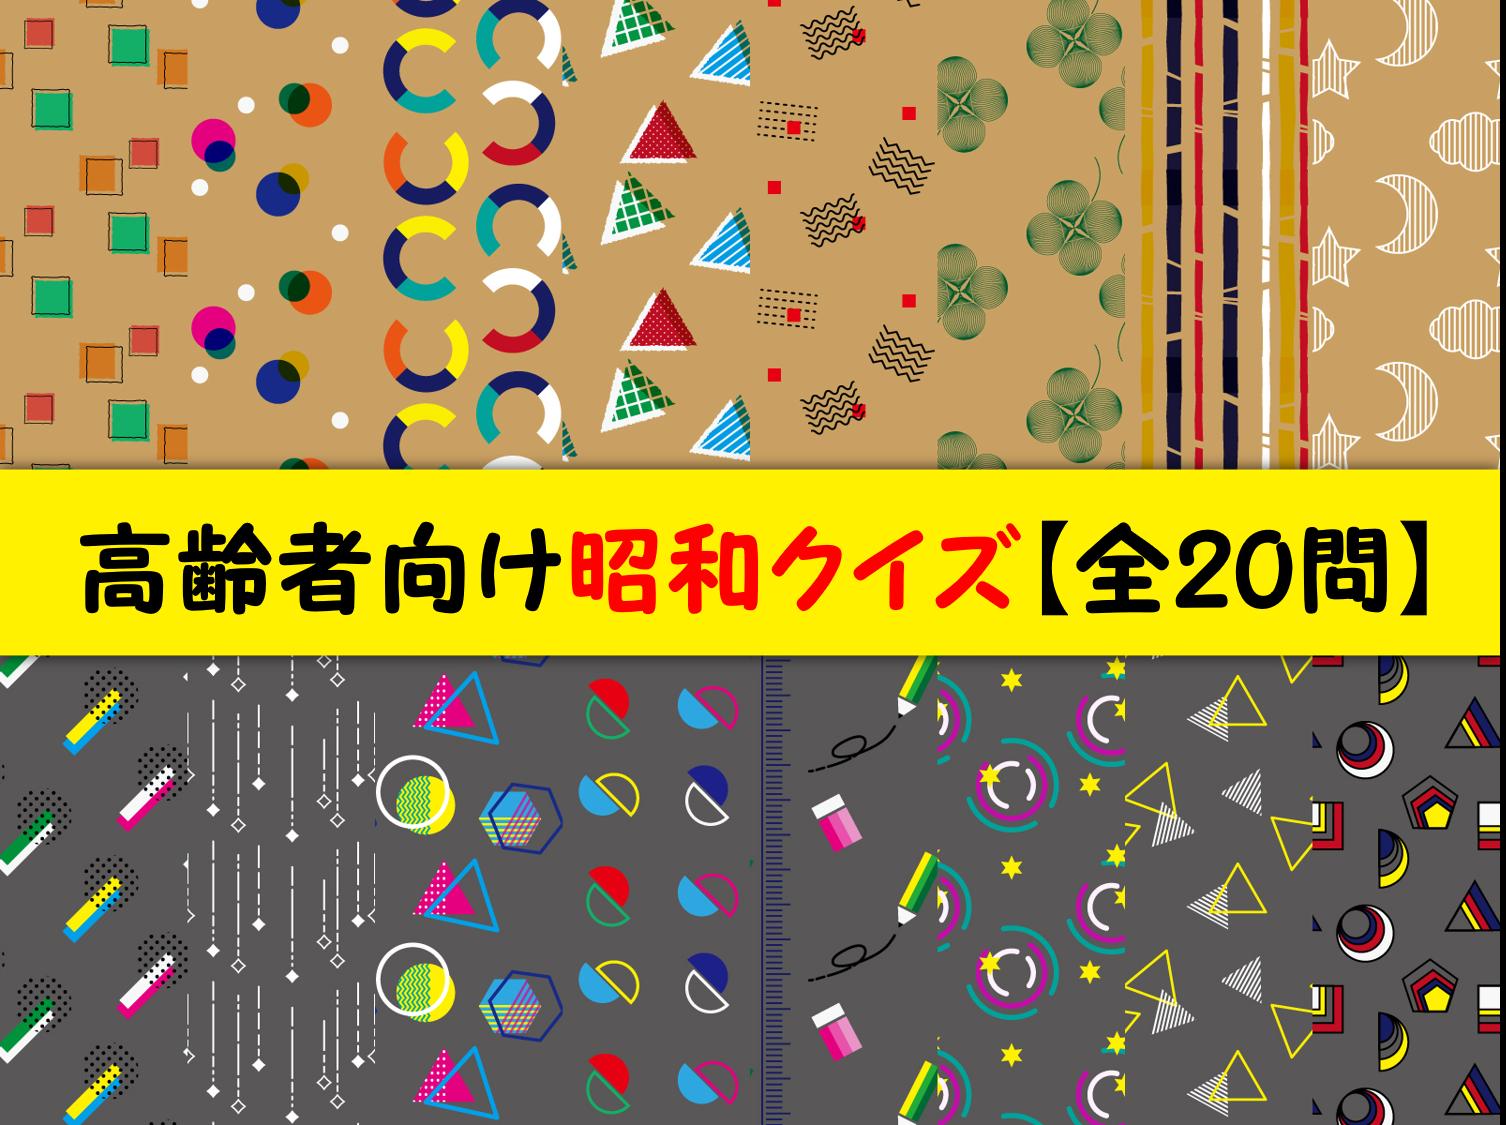 【高齢者向けクイズ】昭和に関する3択問題!!レクや脳トレに最適!全20問